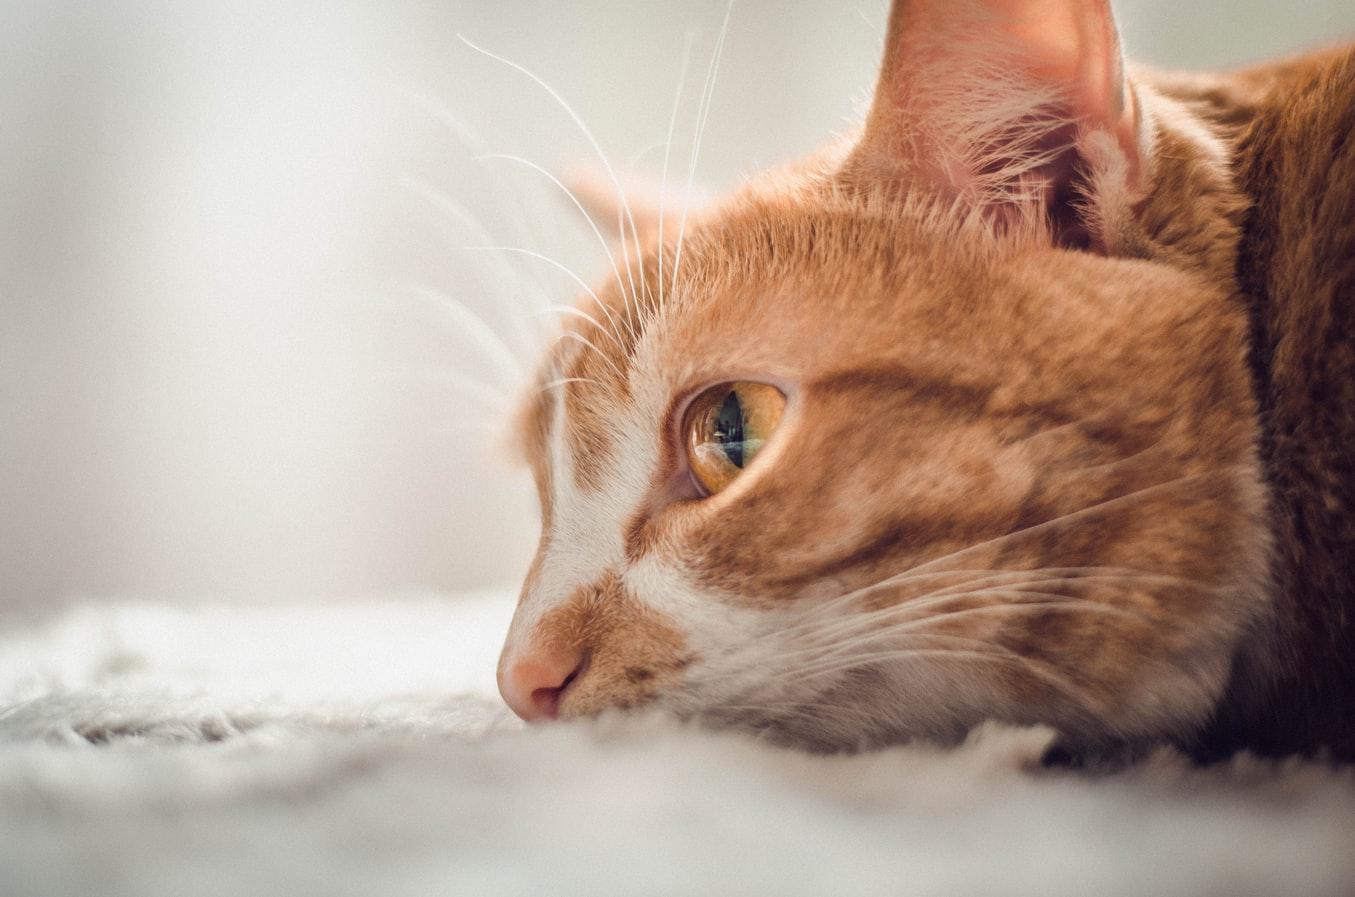 Kucing Anda Susah Pipis? Cari Tahu di Sini